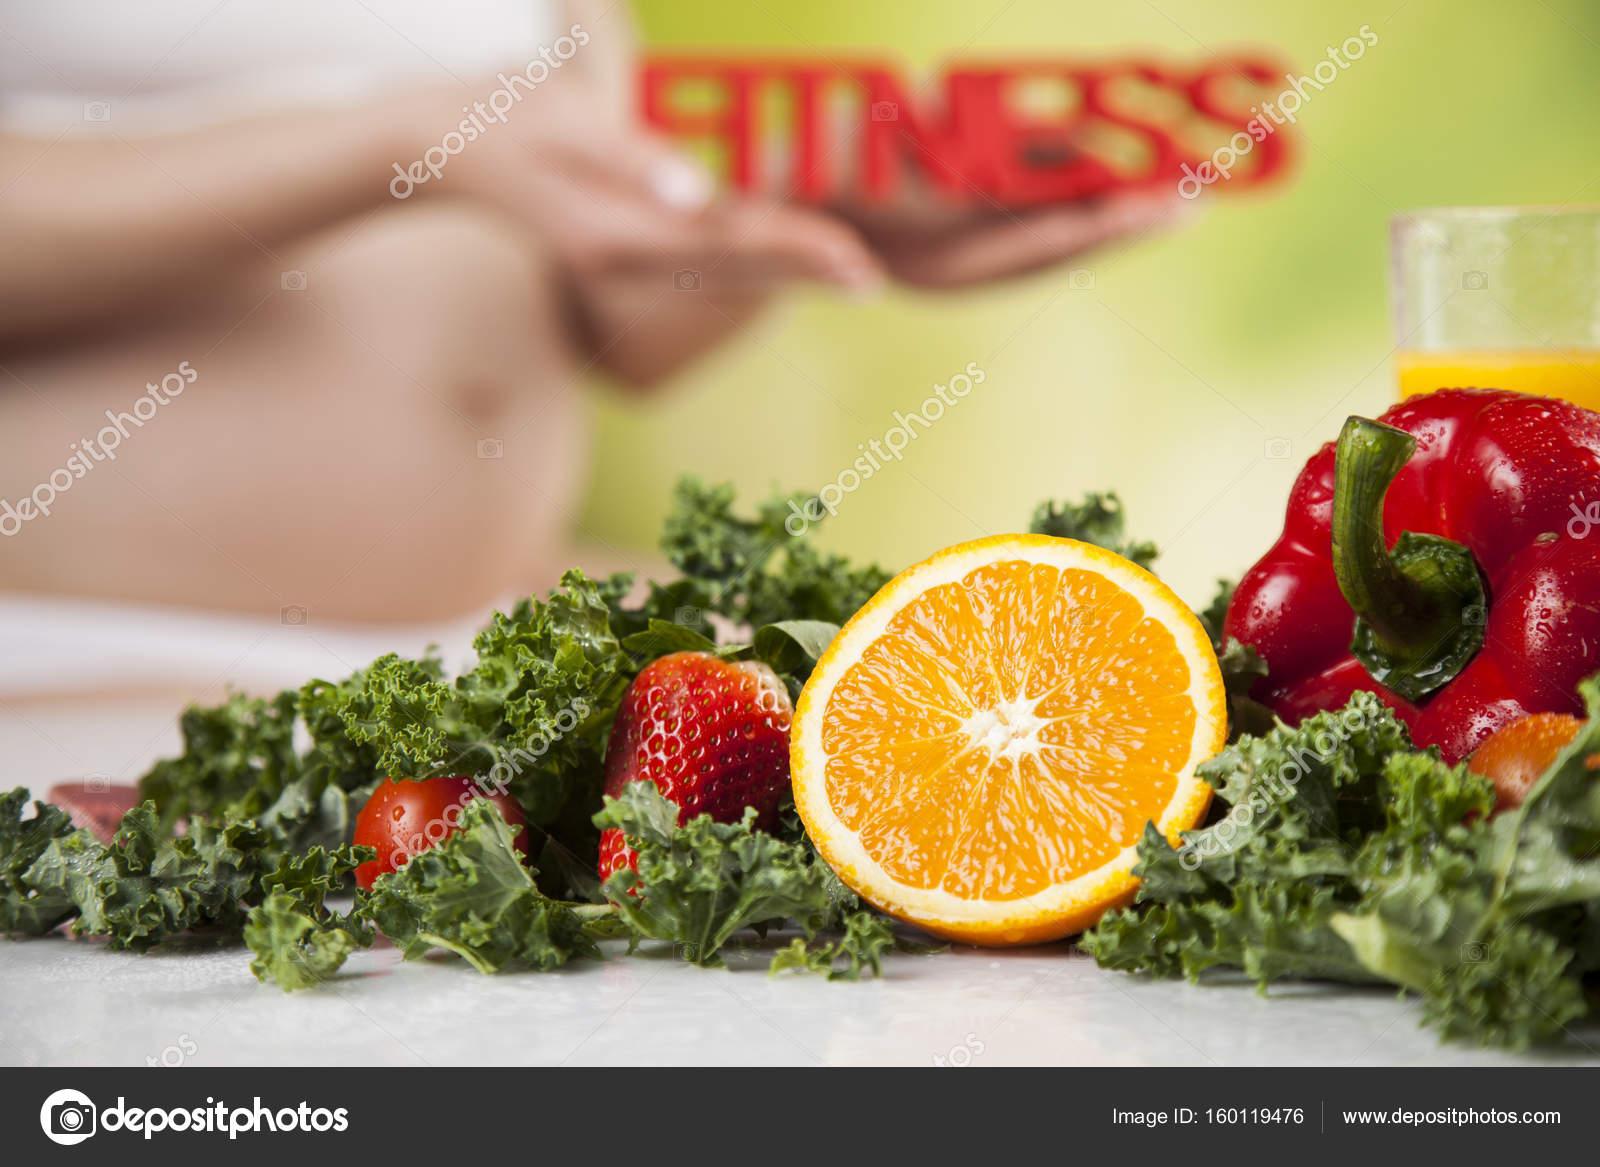 Διατροφή και διατροφή κατά τη διάρκεια της εγκυμοσύνης υγιεινό τρόπο ζωής —  Εικόνα από JanPietruszka c3e22578a45